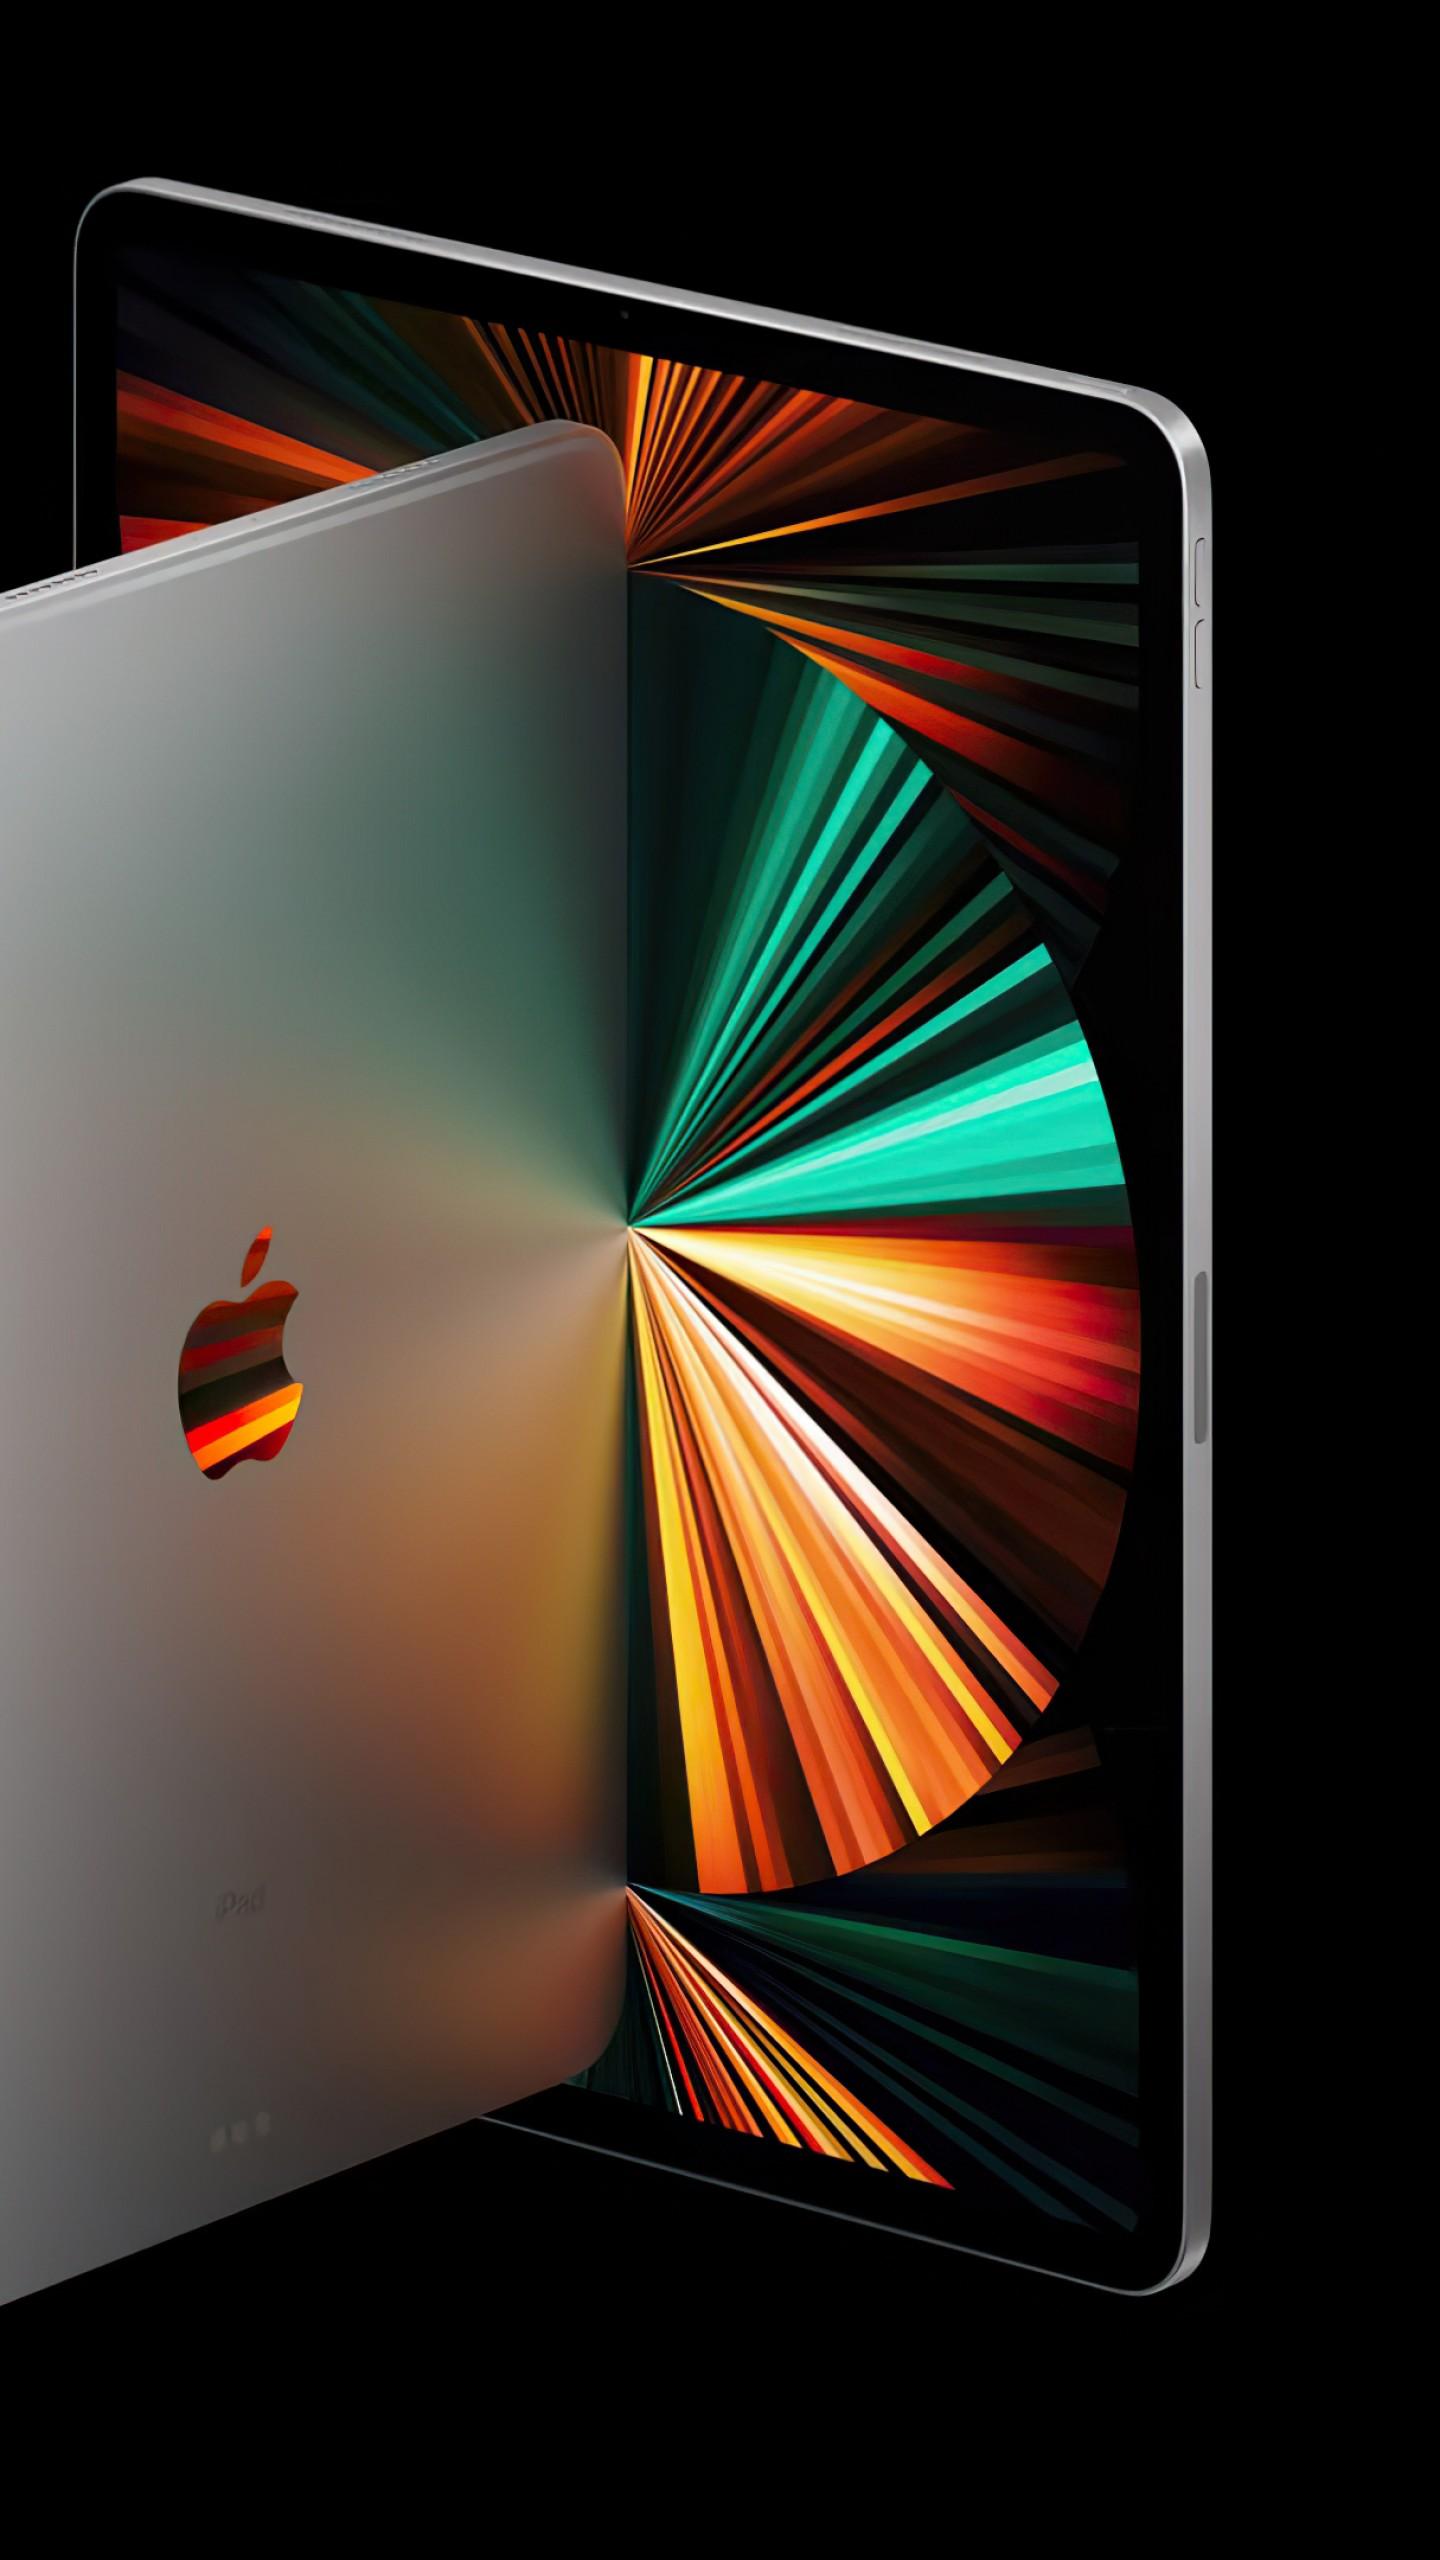 Wallpaper iPad Pro 2021, Apple April 2021 Event, 4K, Hi ...